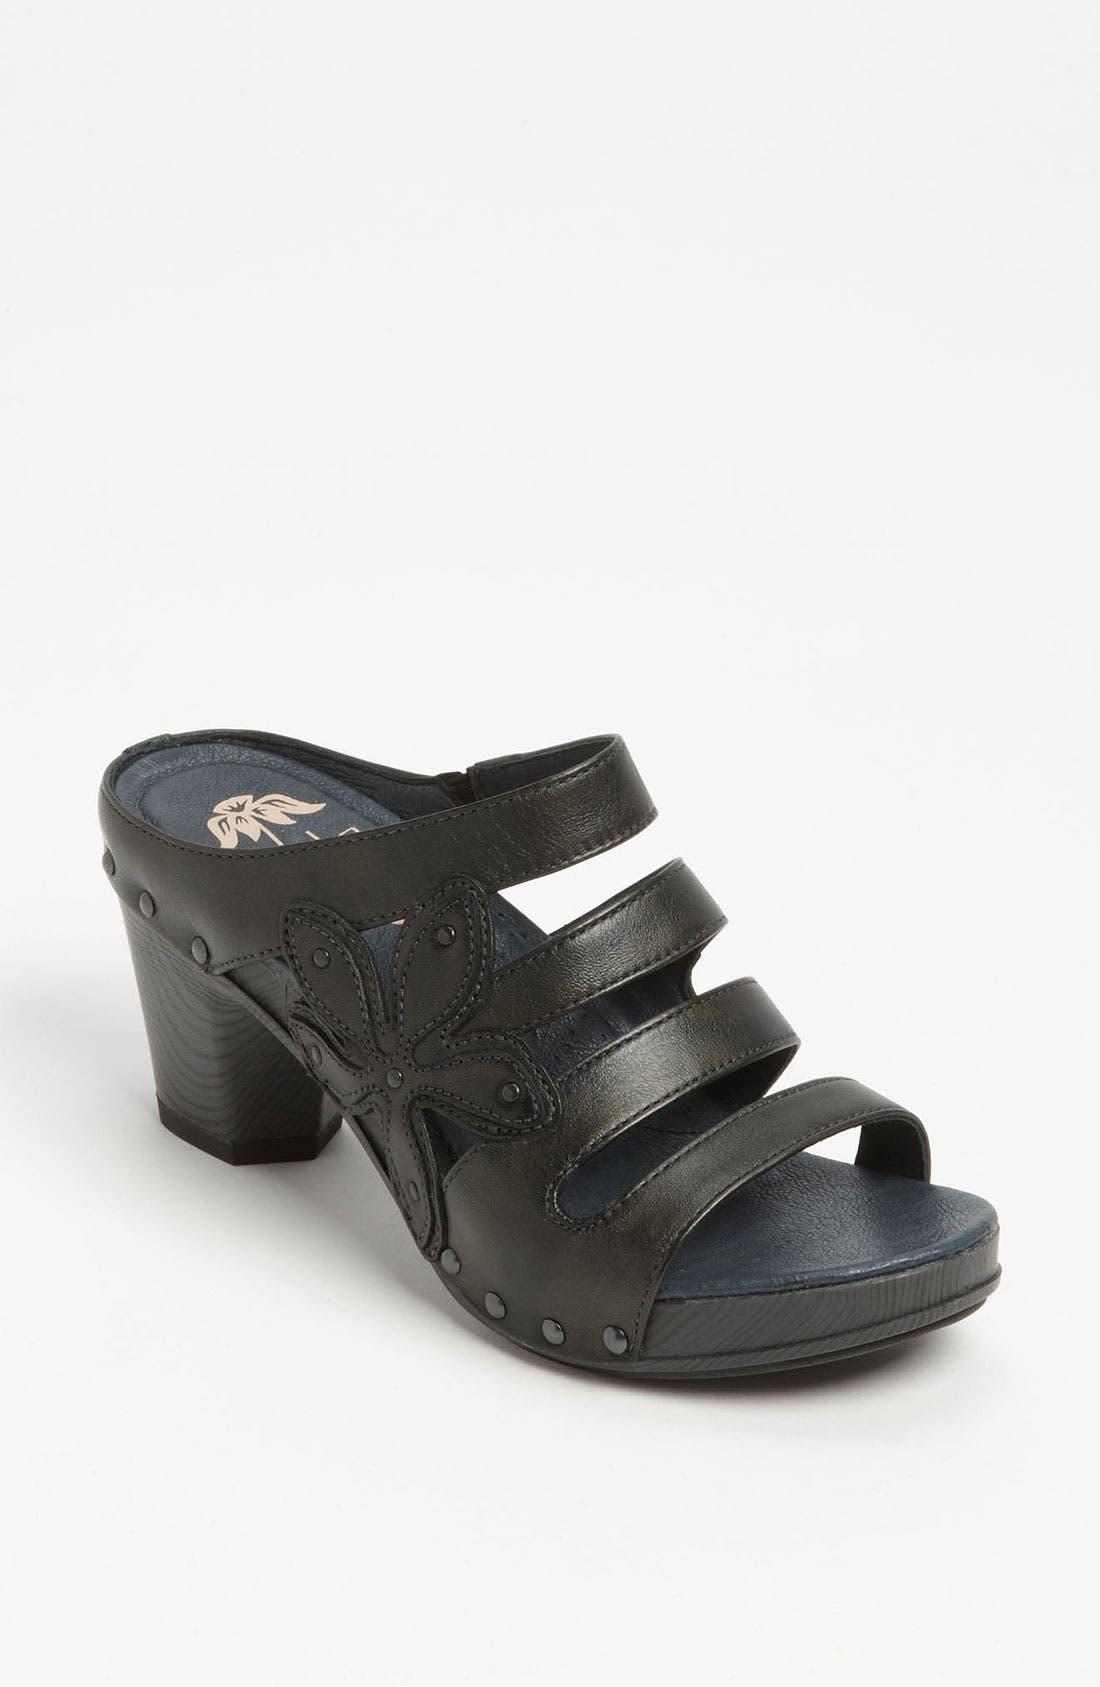 Alternate Image 1 Selected - Dansko 'Nigella' Sandal